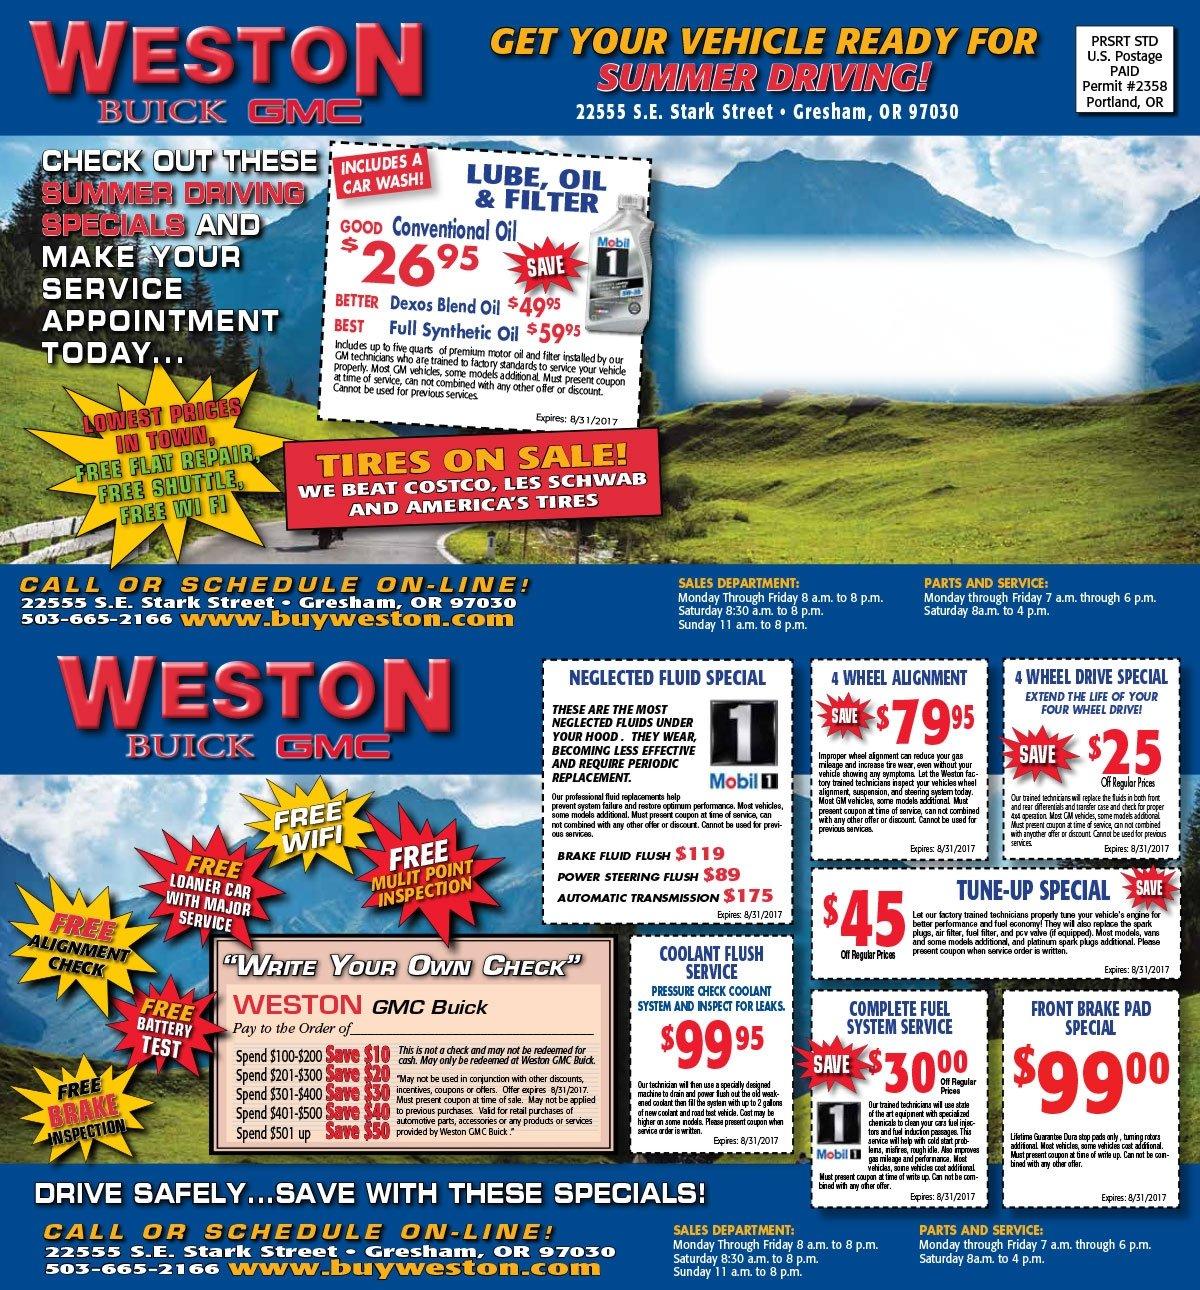 Weston Summer